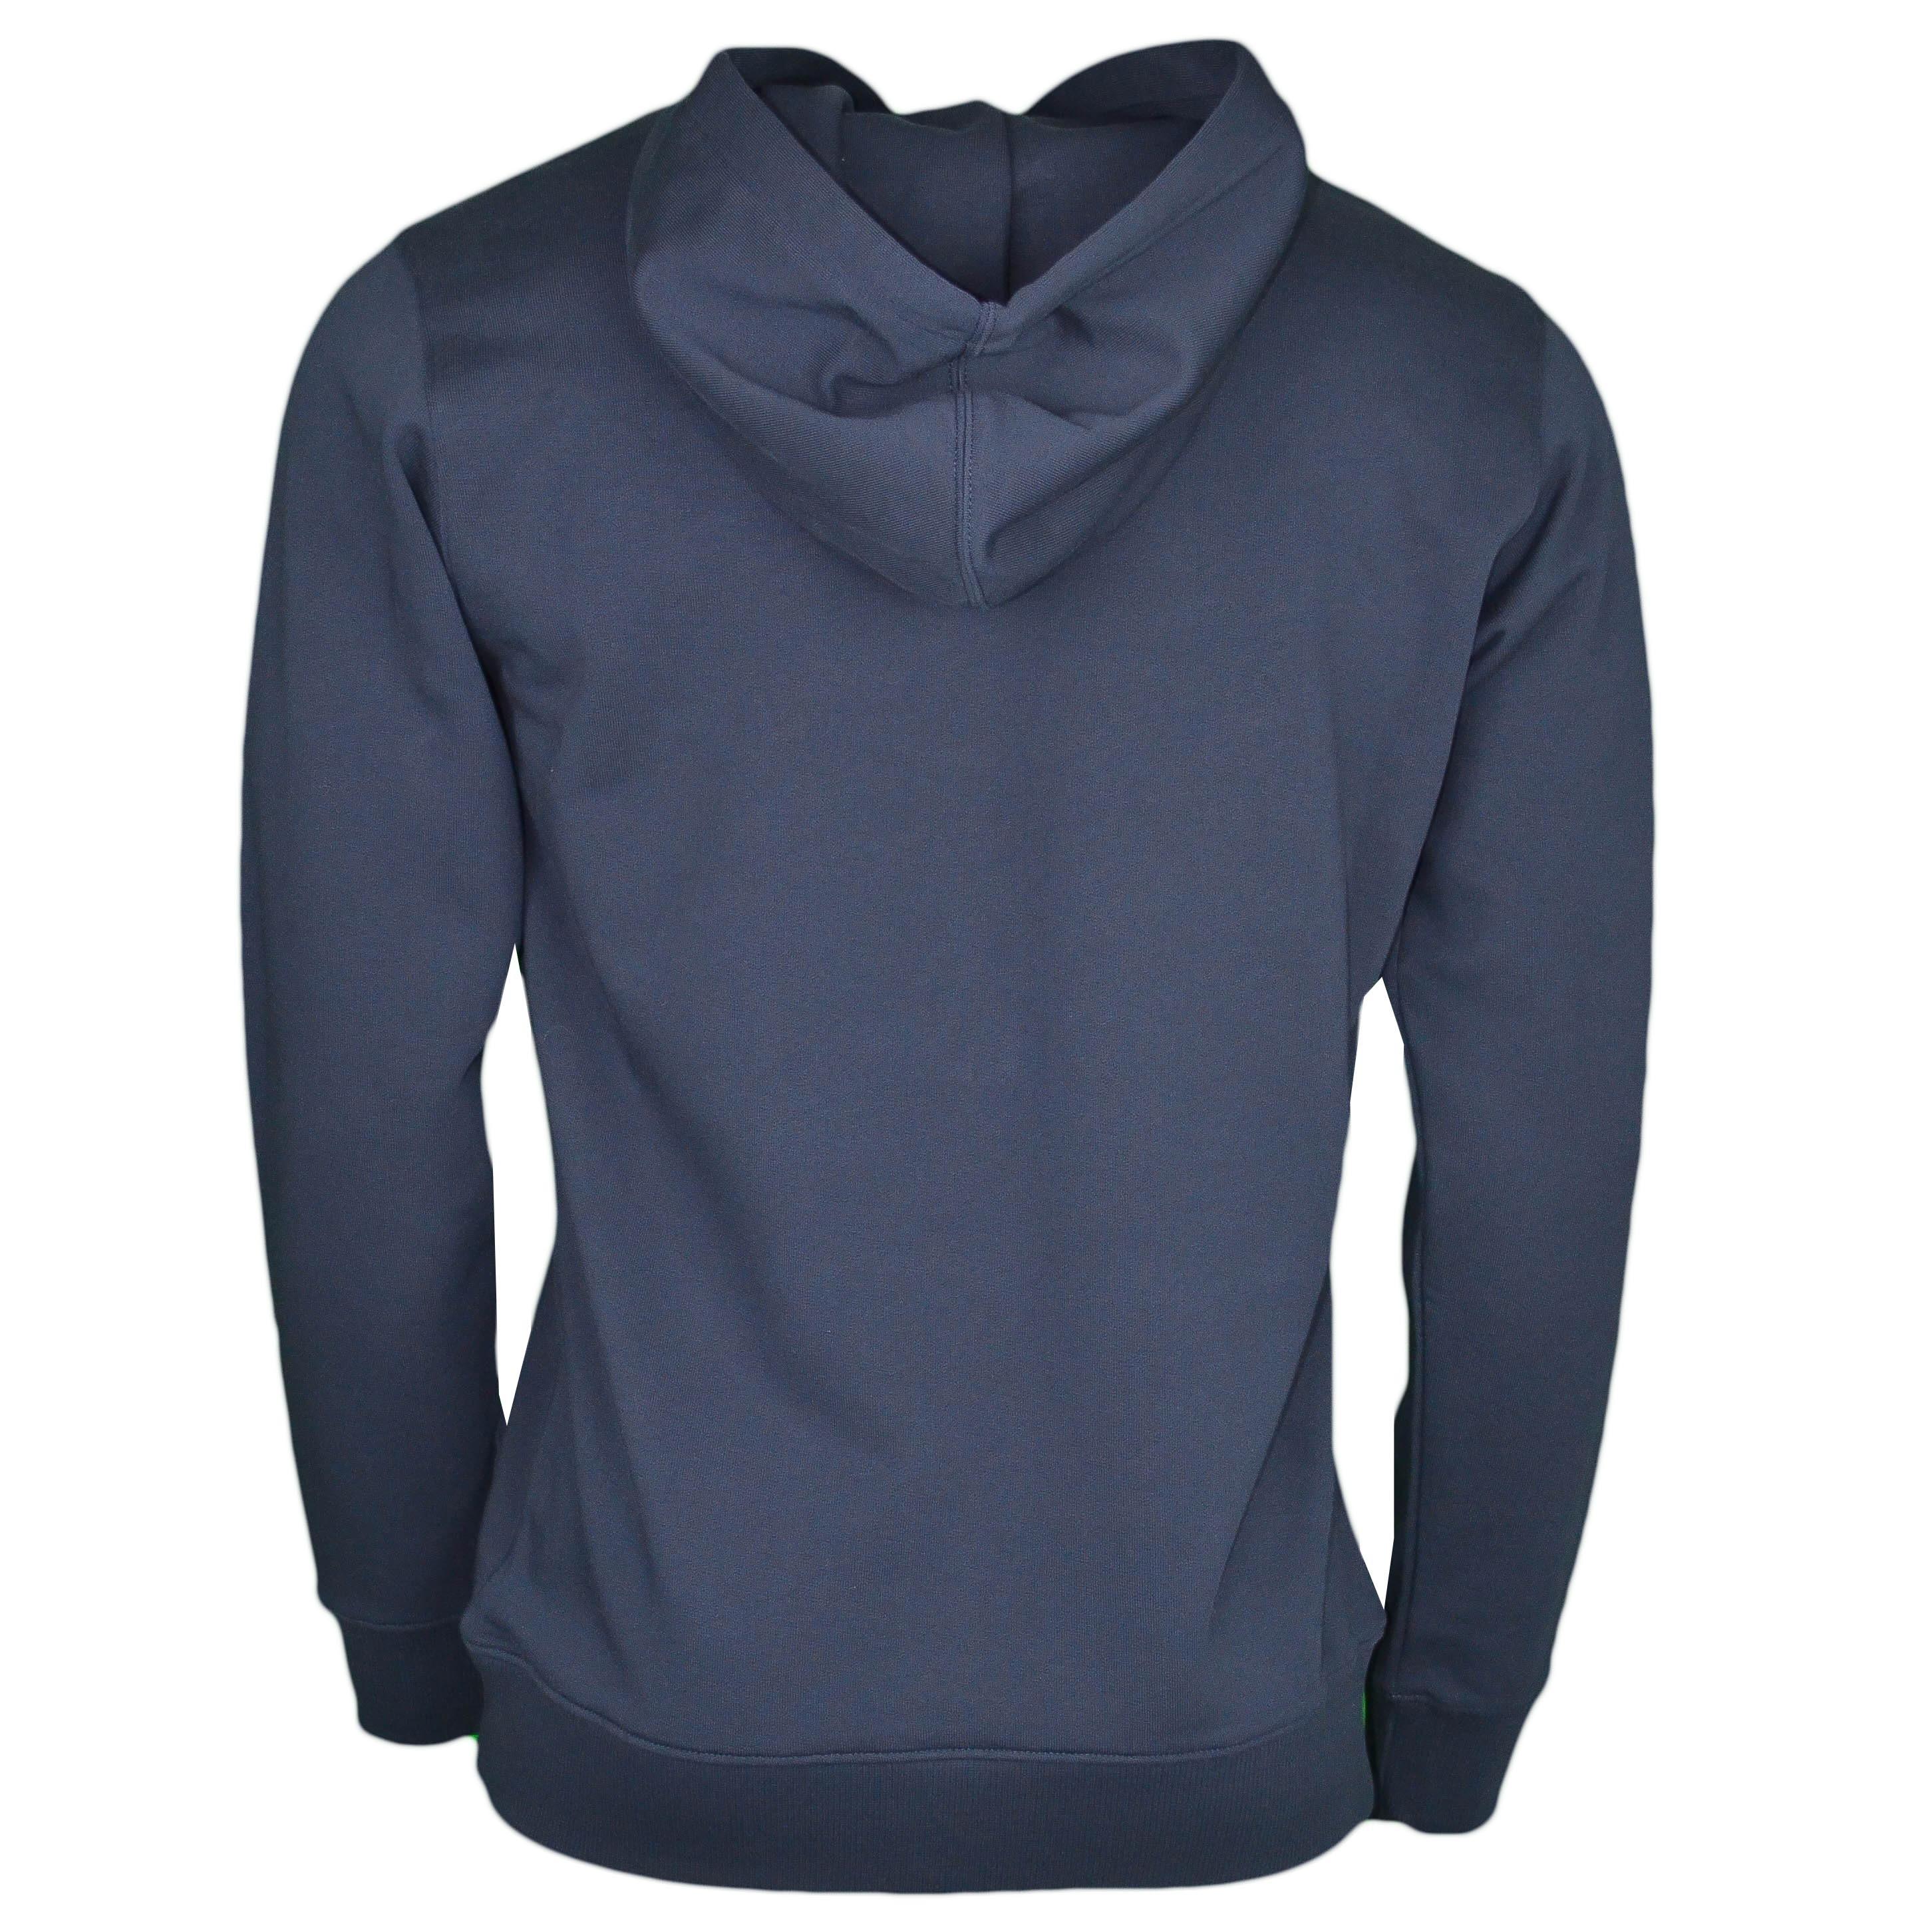 couleur n brillante france pas cher vente grande remise pour Sweat à capuche bleu marine Calvin Klein flocage carré noir pour ho...